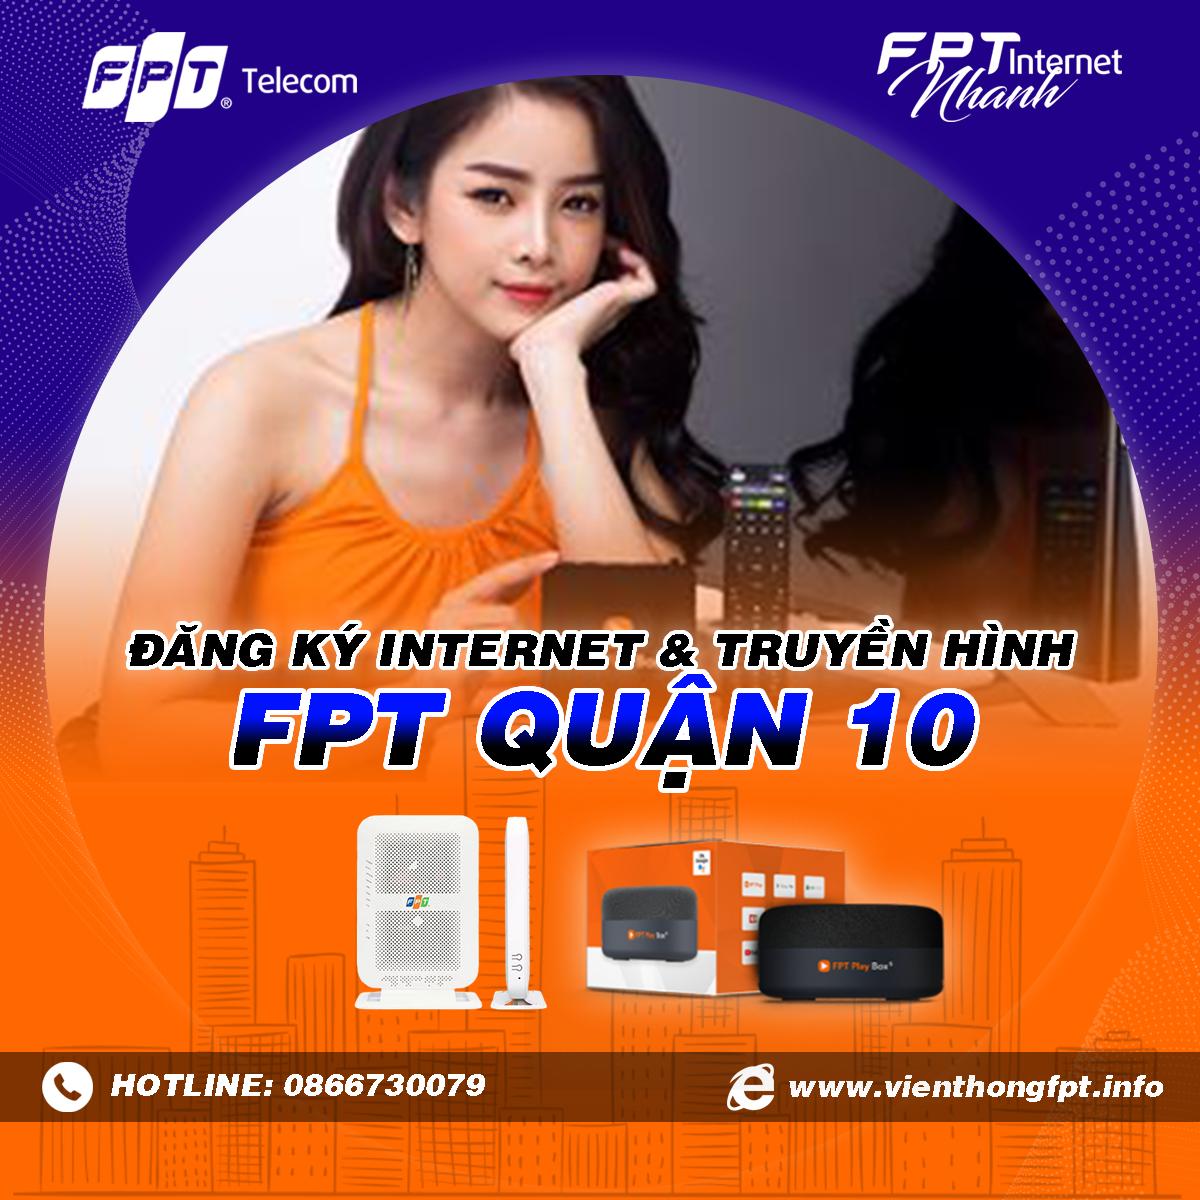 Chi nhánh FPT Quận 10 - Đăng ký lắp Internet và Truyền hình FPT